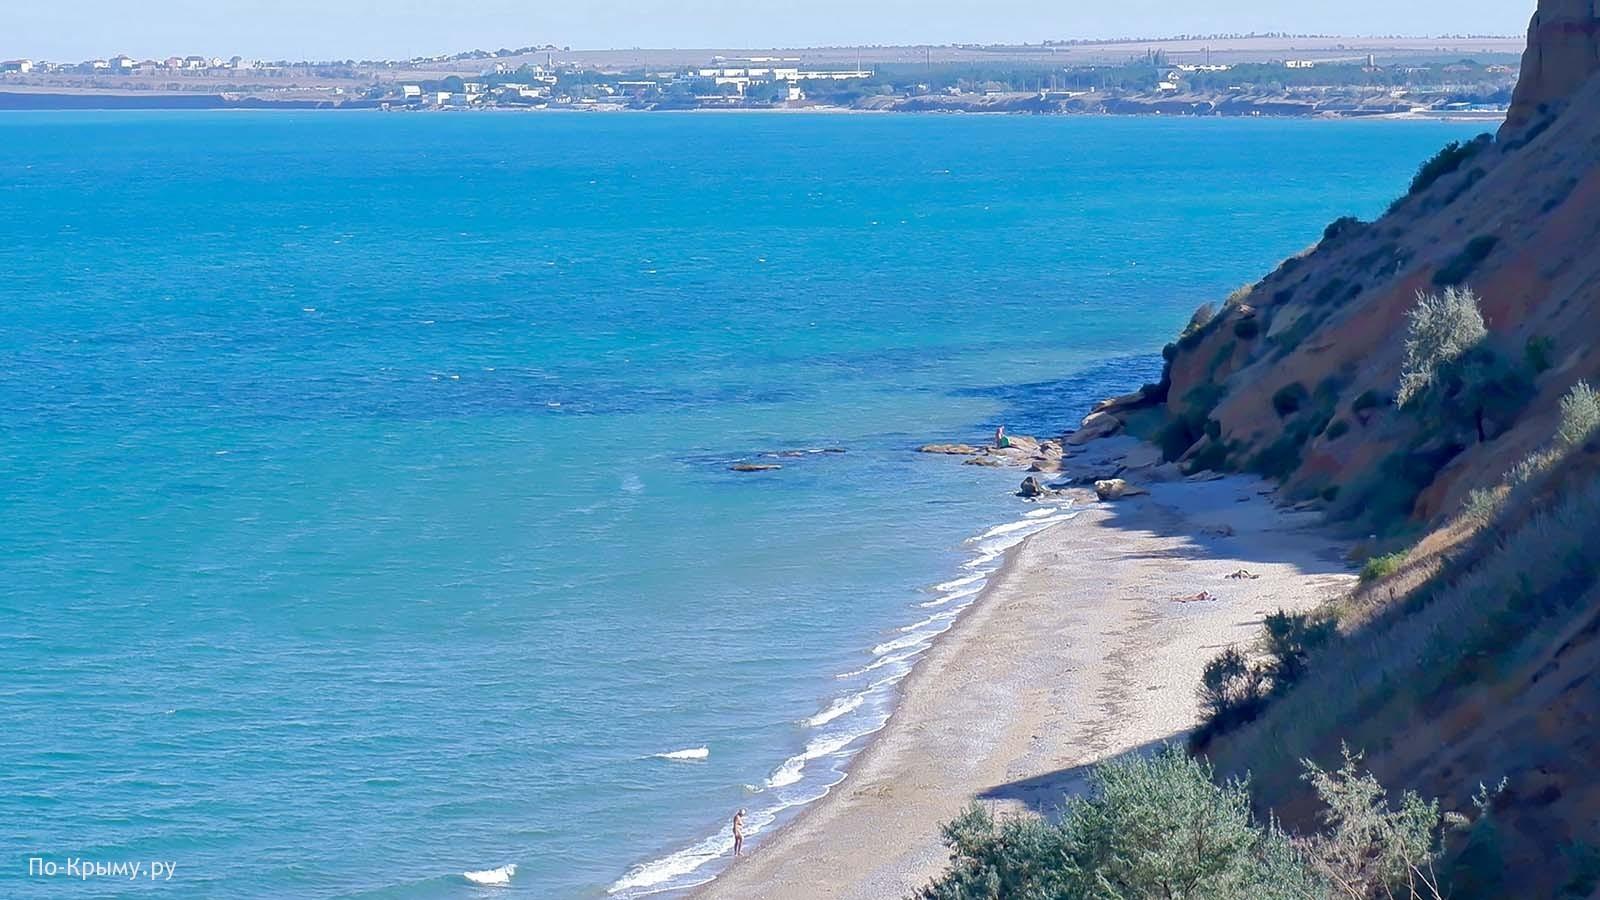 Нудистский пляж Песчаного, Западный Крым